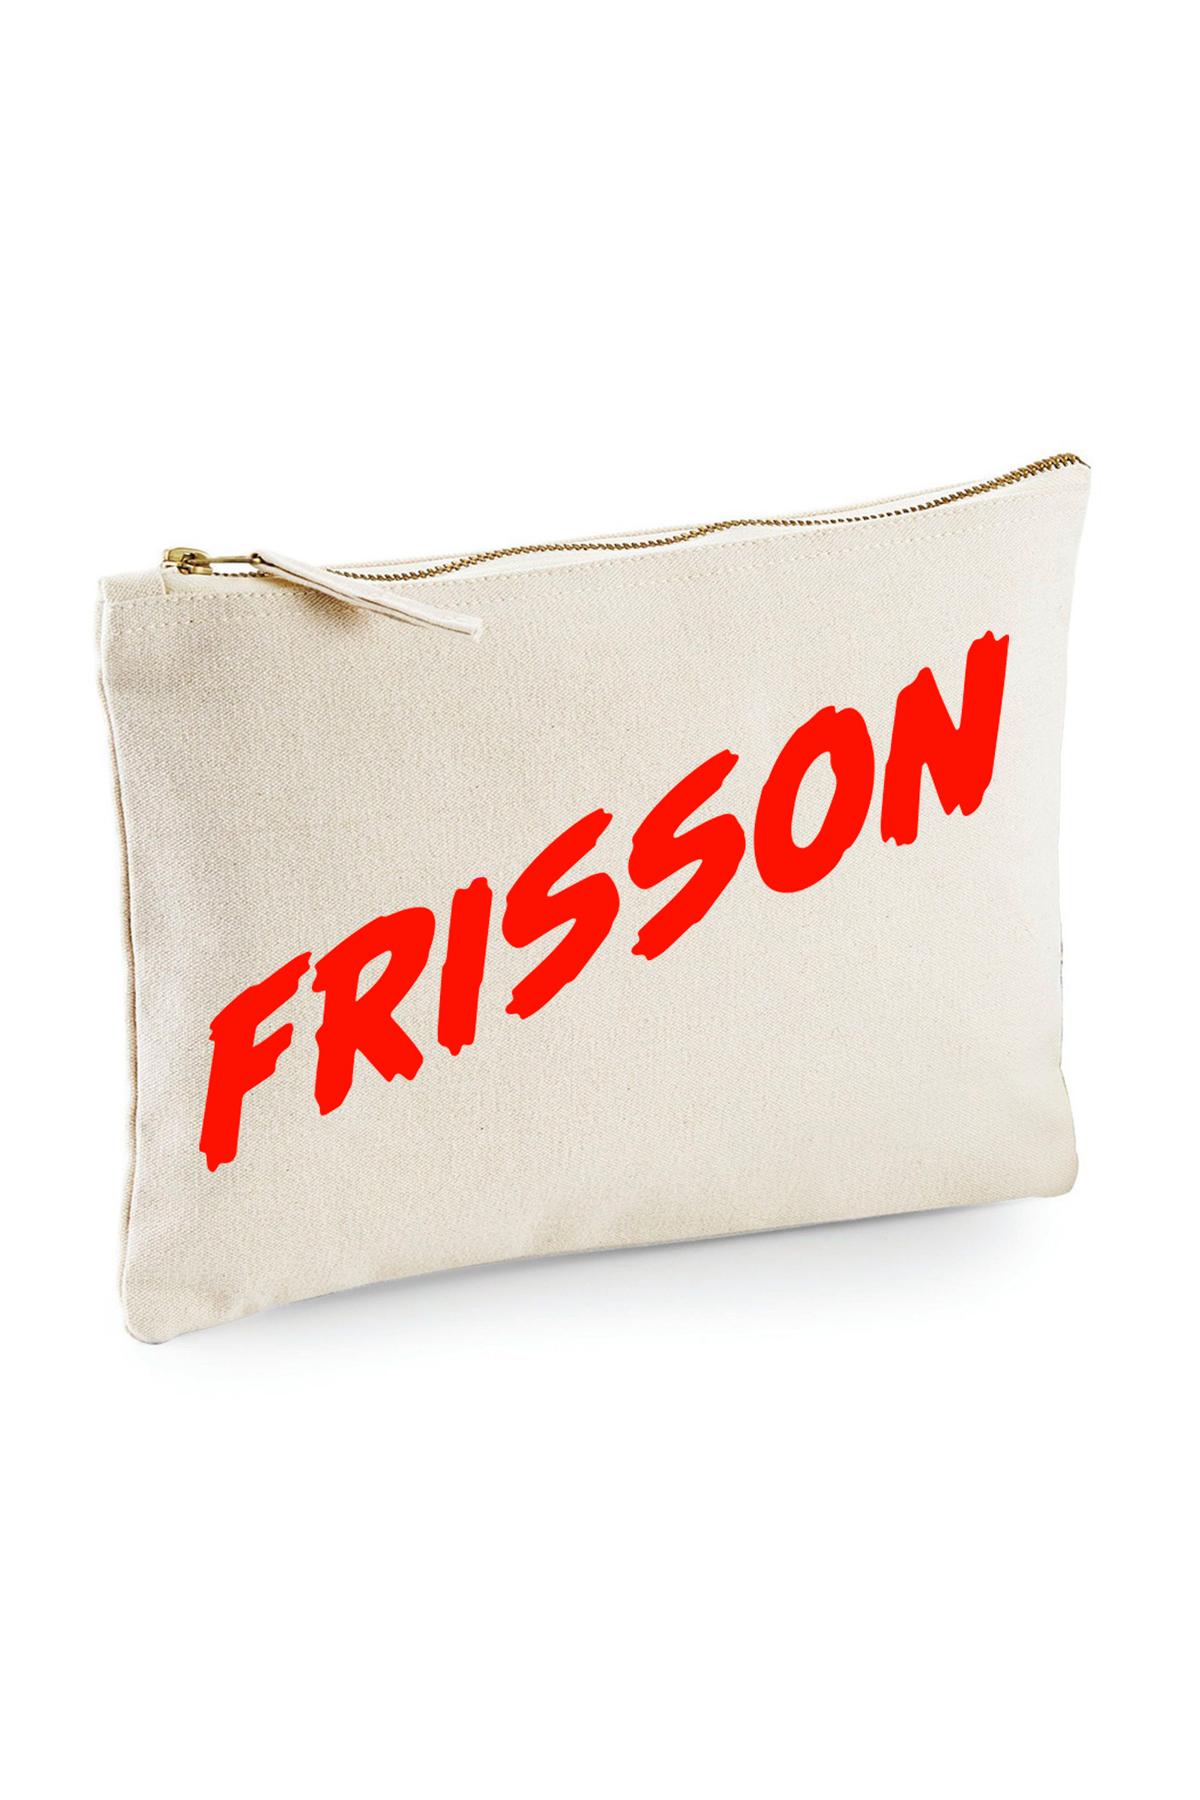 Pochette FRISSON